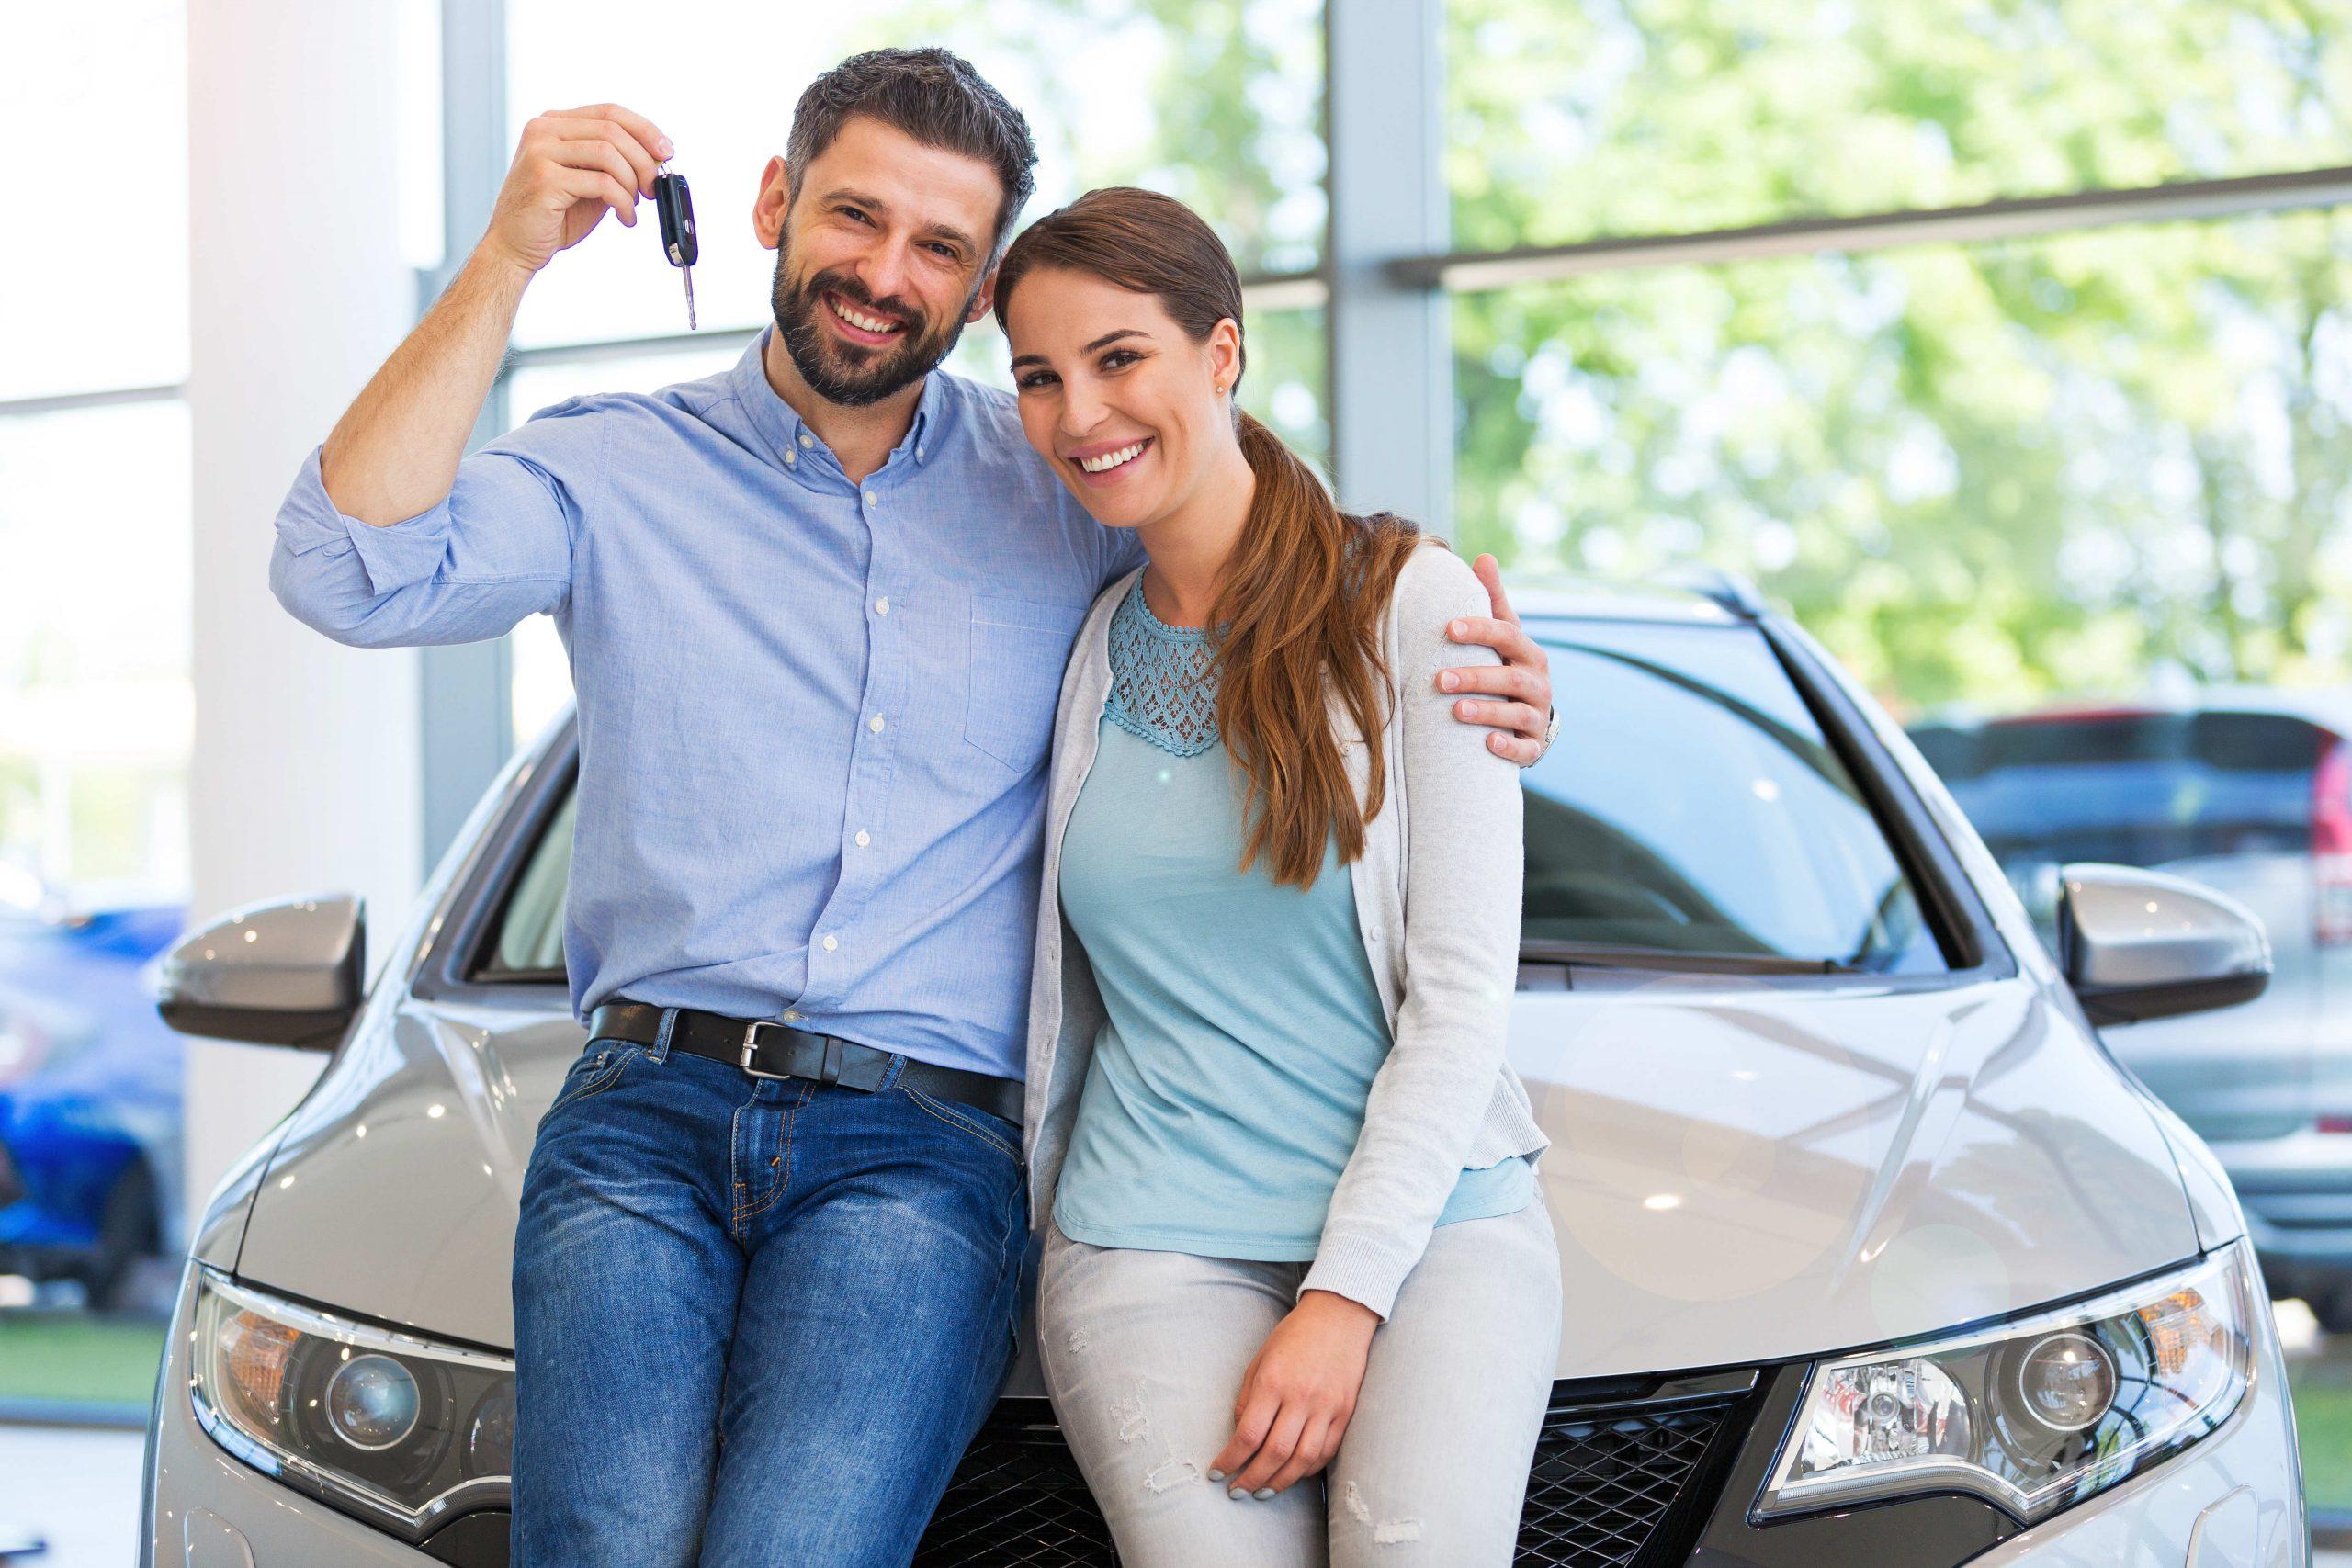 Financiado o al contado ¿Cuál es la mejor opción para comprar un coche?